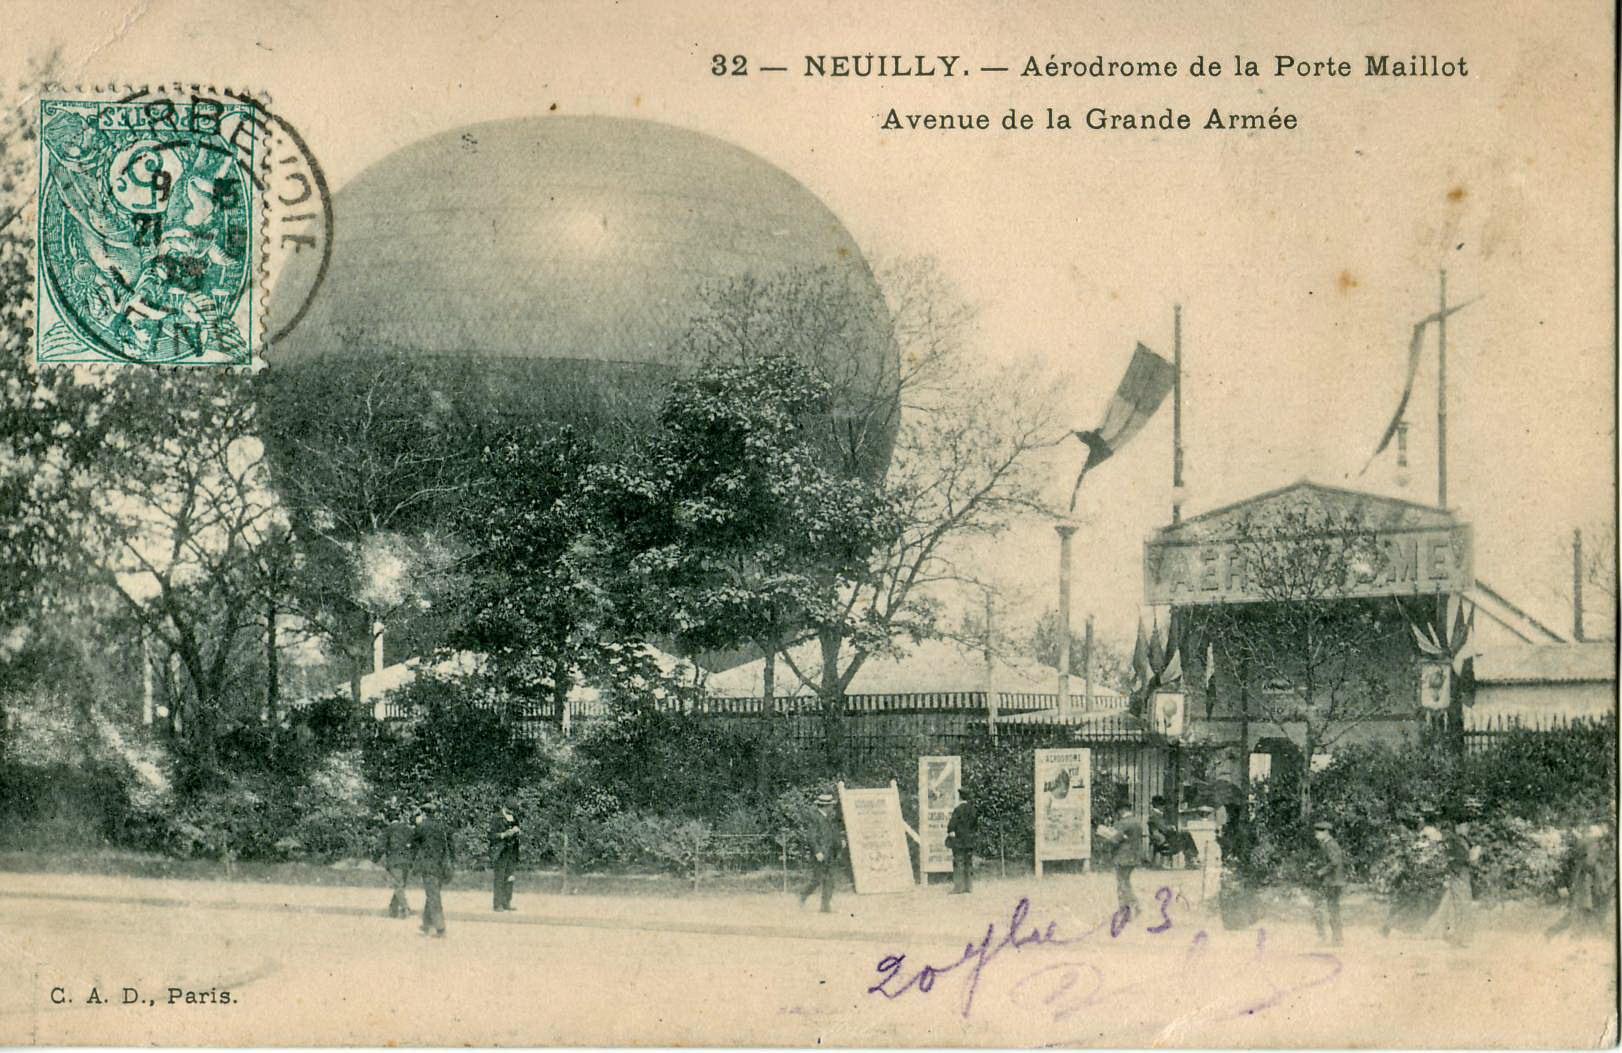 File cad 32 neuilly a rodrome de la porte maillot for La villa corse porte maillot